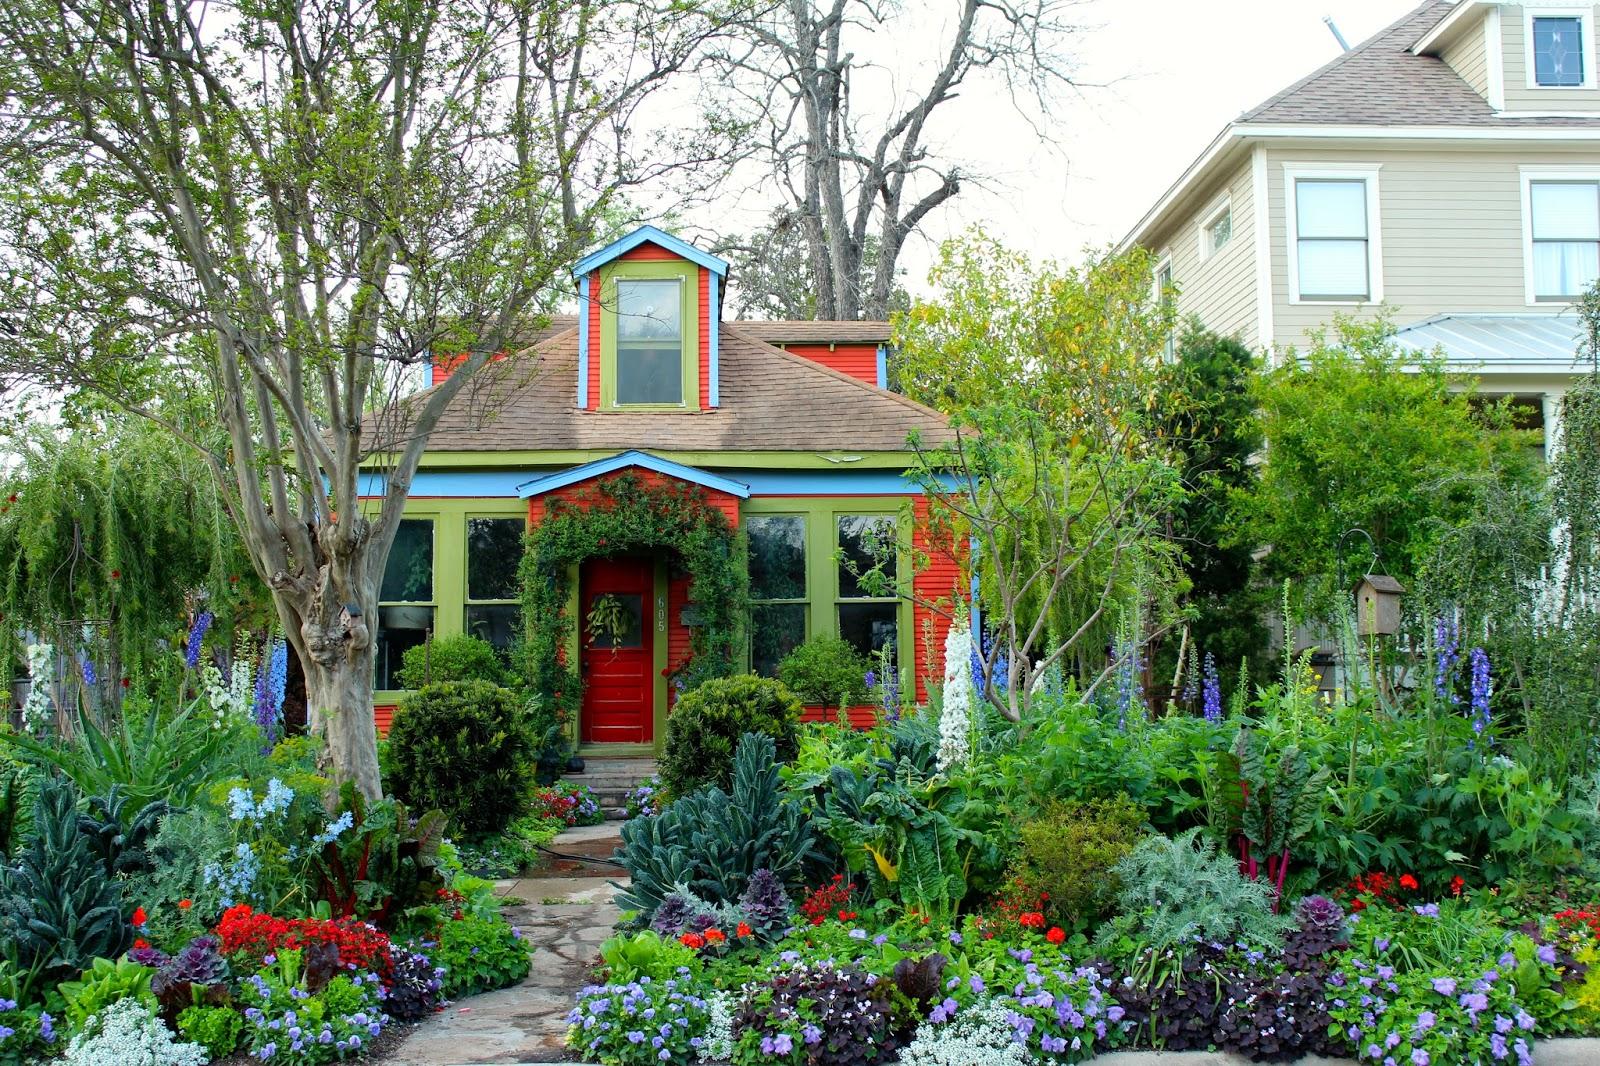 houston garden tour 2014 - Houston Garden